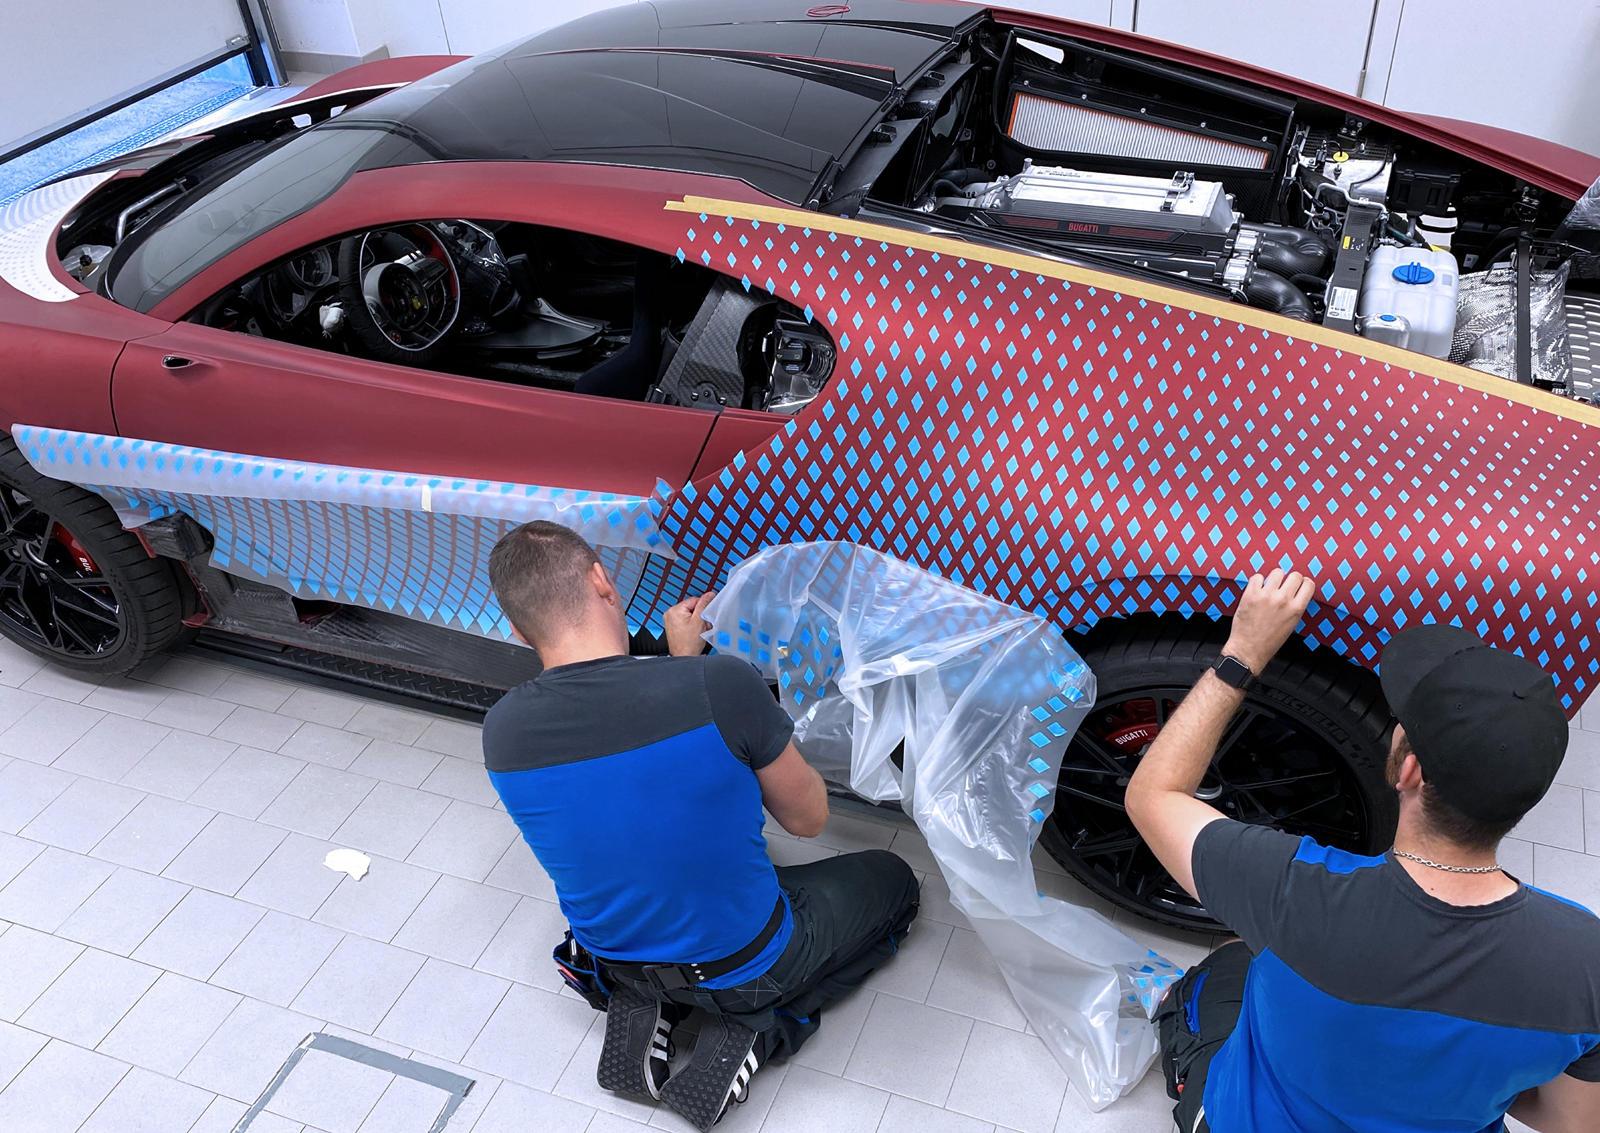 Из-за того, что команда создала дизайн на компьютере, распечатала его на плоской поверхности, а затем применила к трехмерному холсту (машине), даже отклонение в один миллиметр могло испортить весь дизайн, в результате чего он мог выглядеть асимметрич